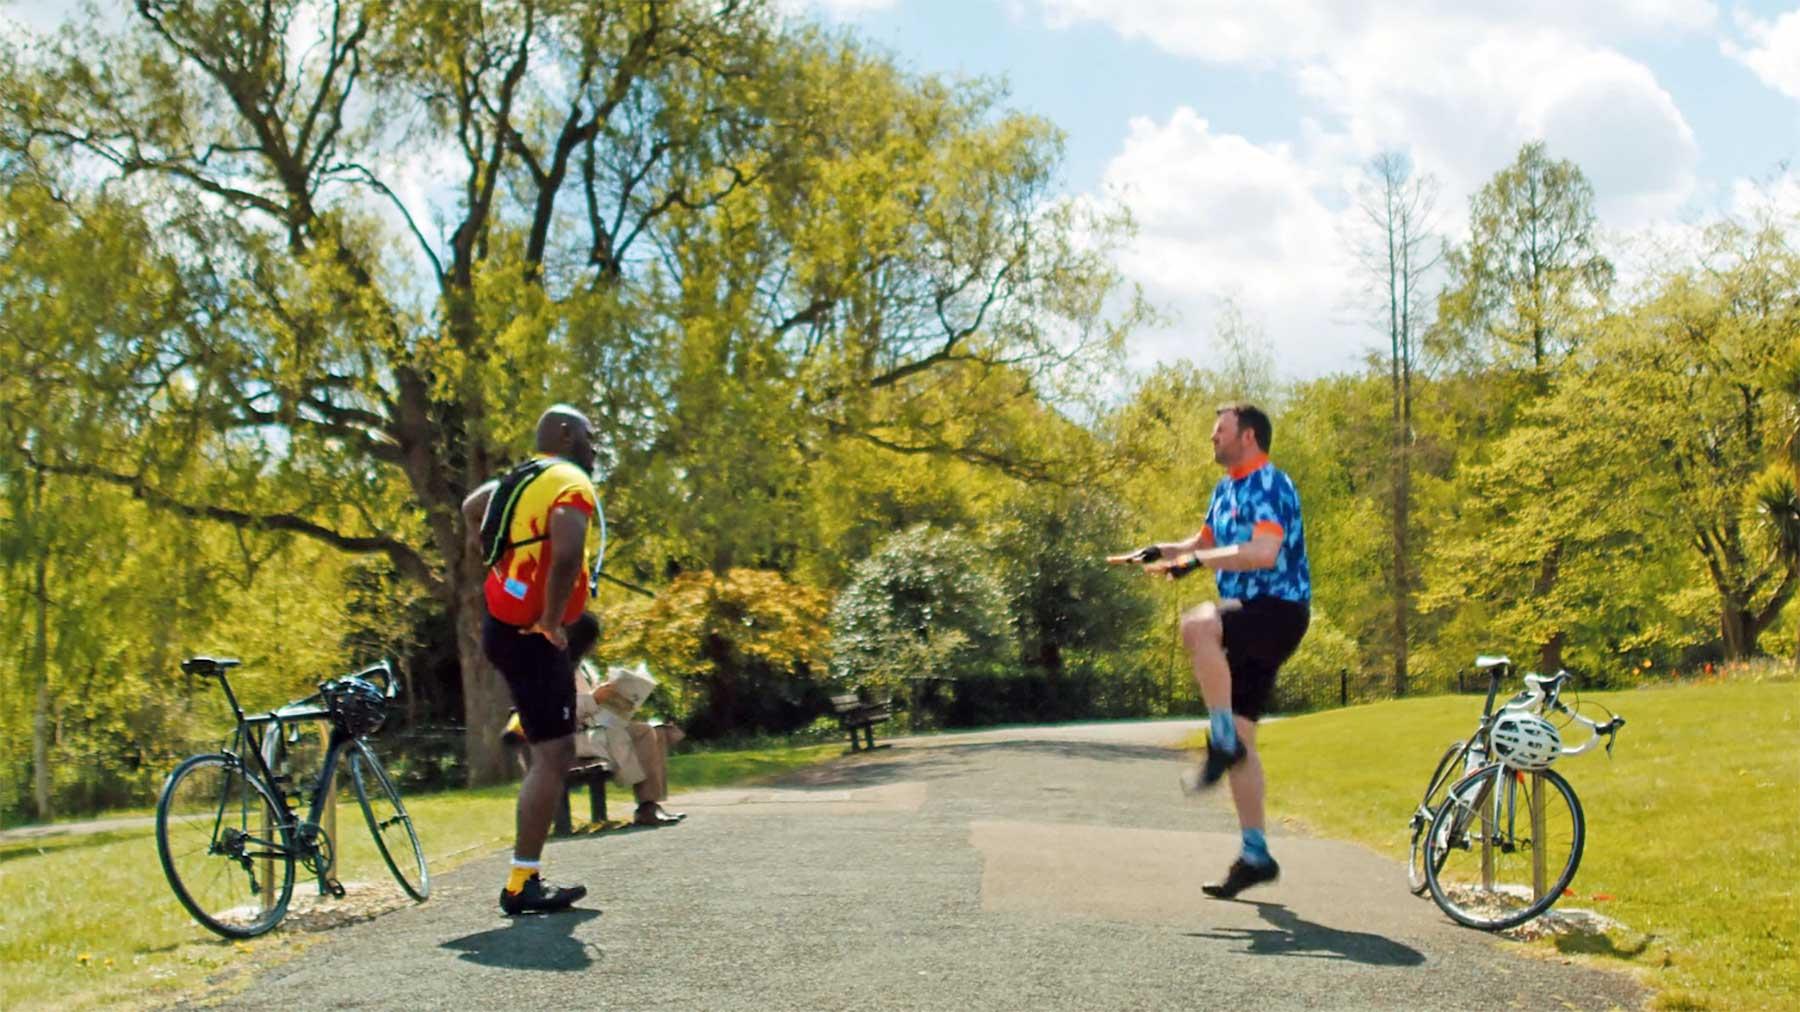 Wenn zwei Hobby-Radfahrer aufeinander prallen... Middle-Aged-Men-in-Lycra-kurzfilm-radfahrer